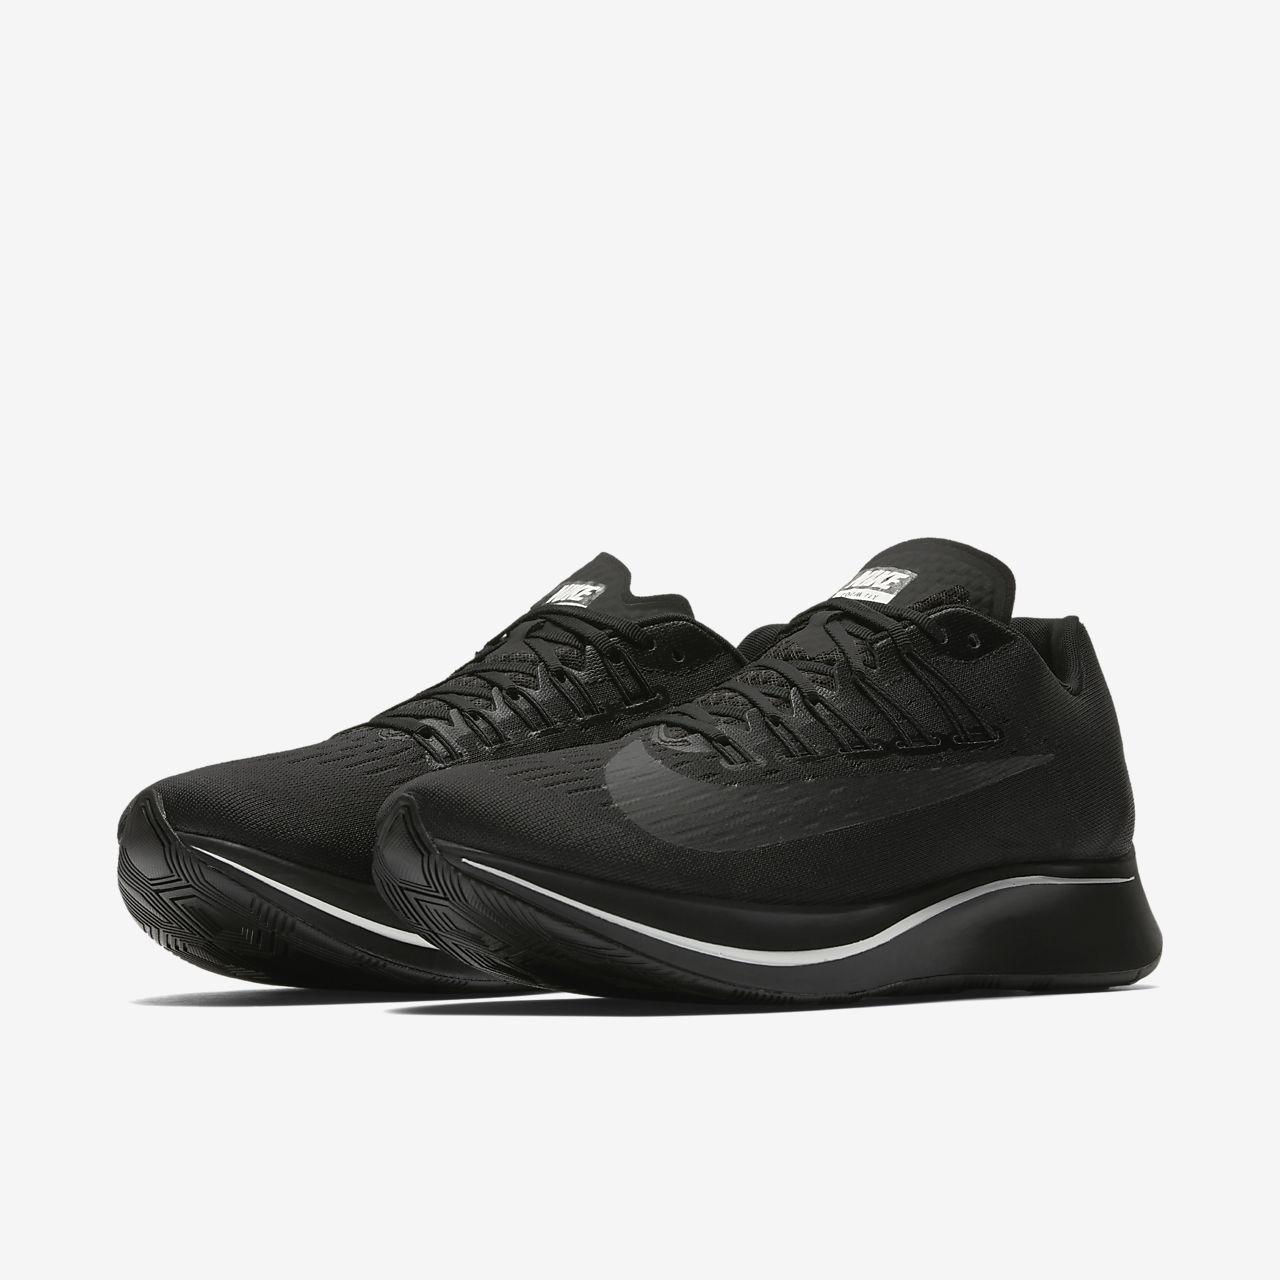 newest f3815 fce3b ... Nike Zoom Fly Zapatillas de running - Hombre